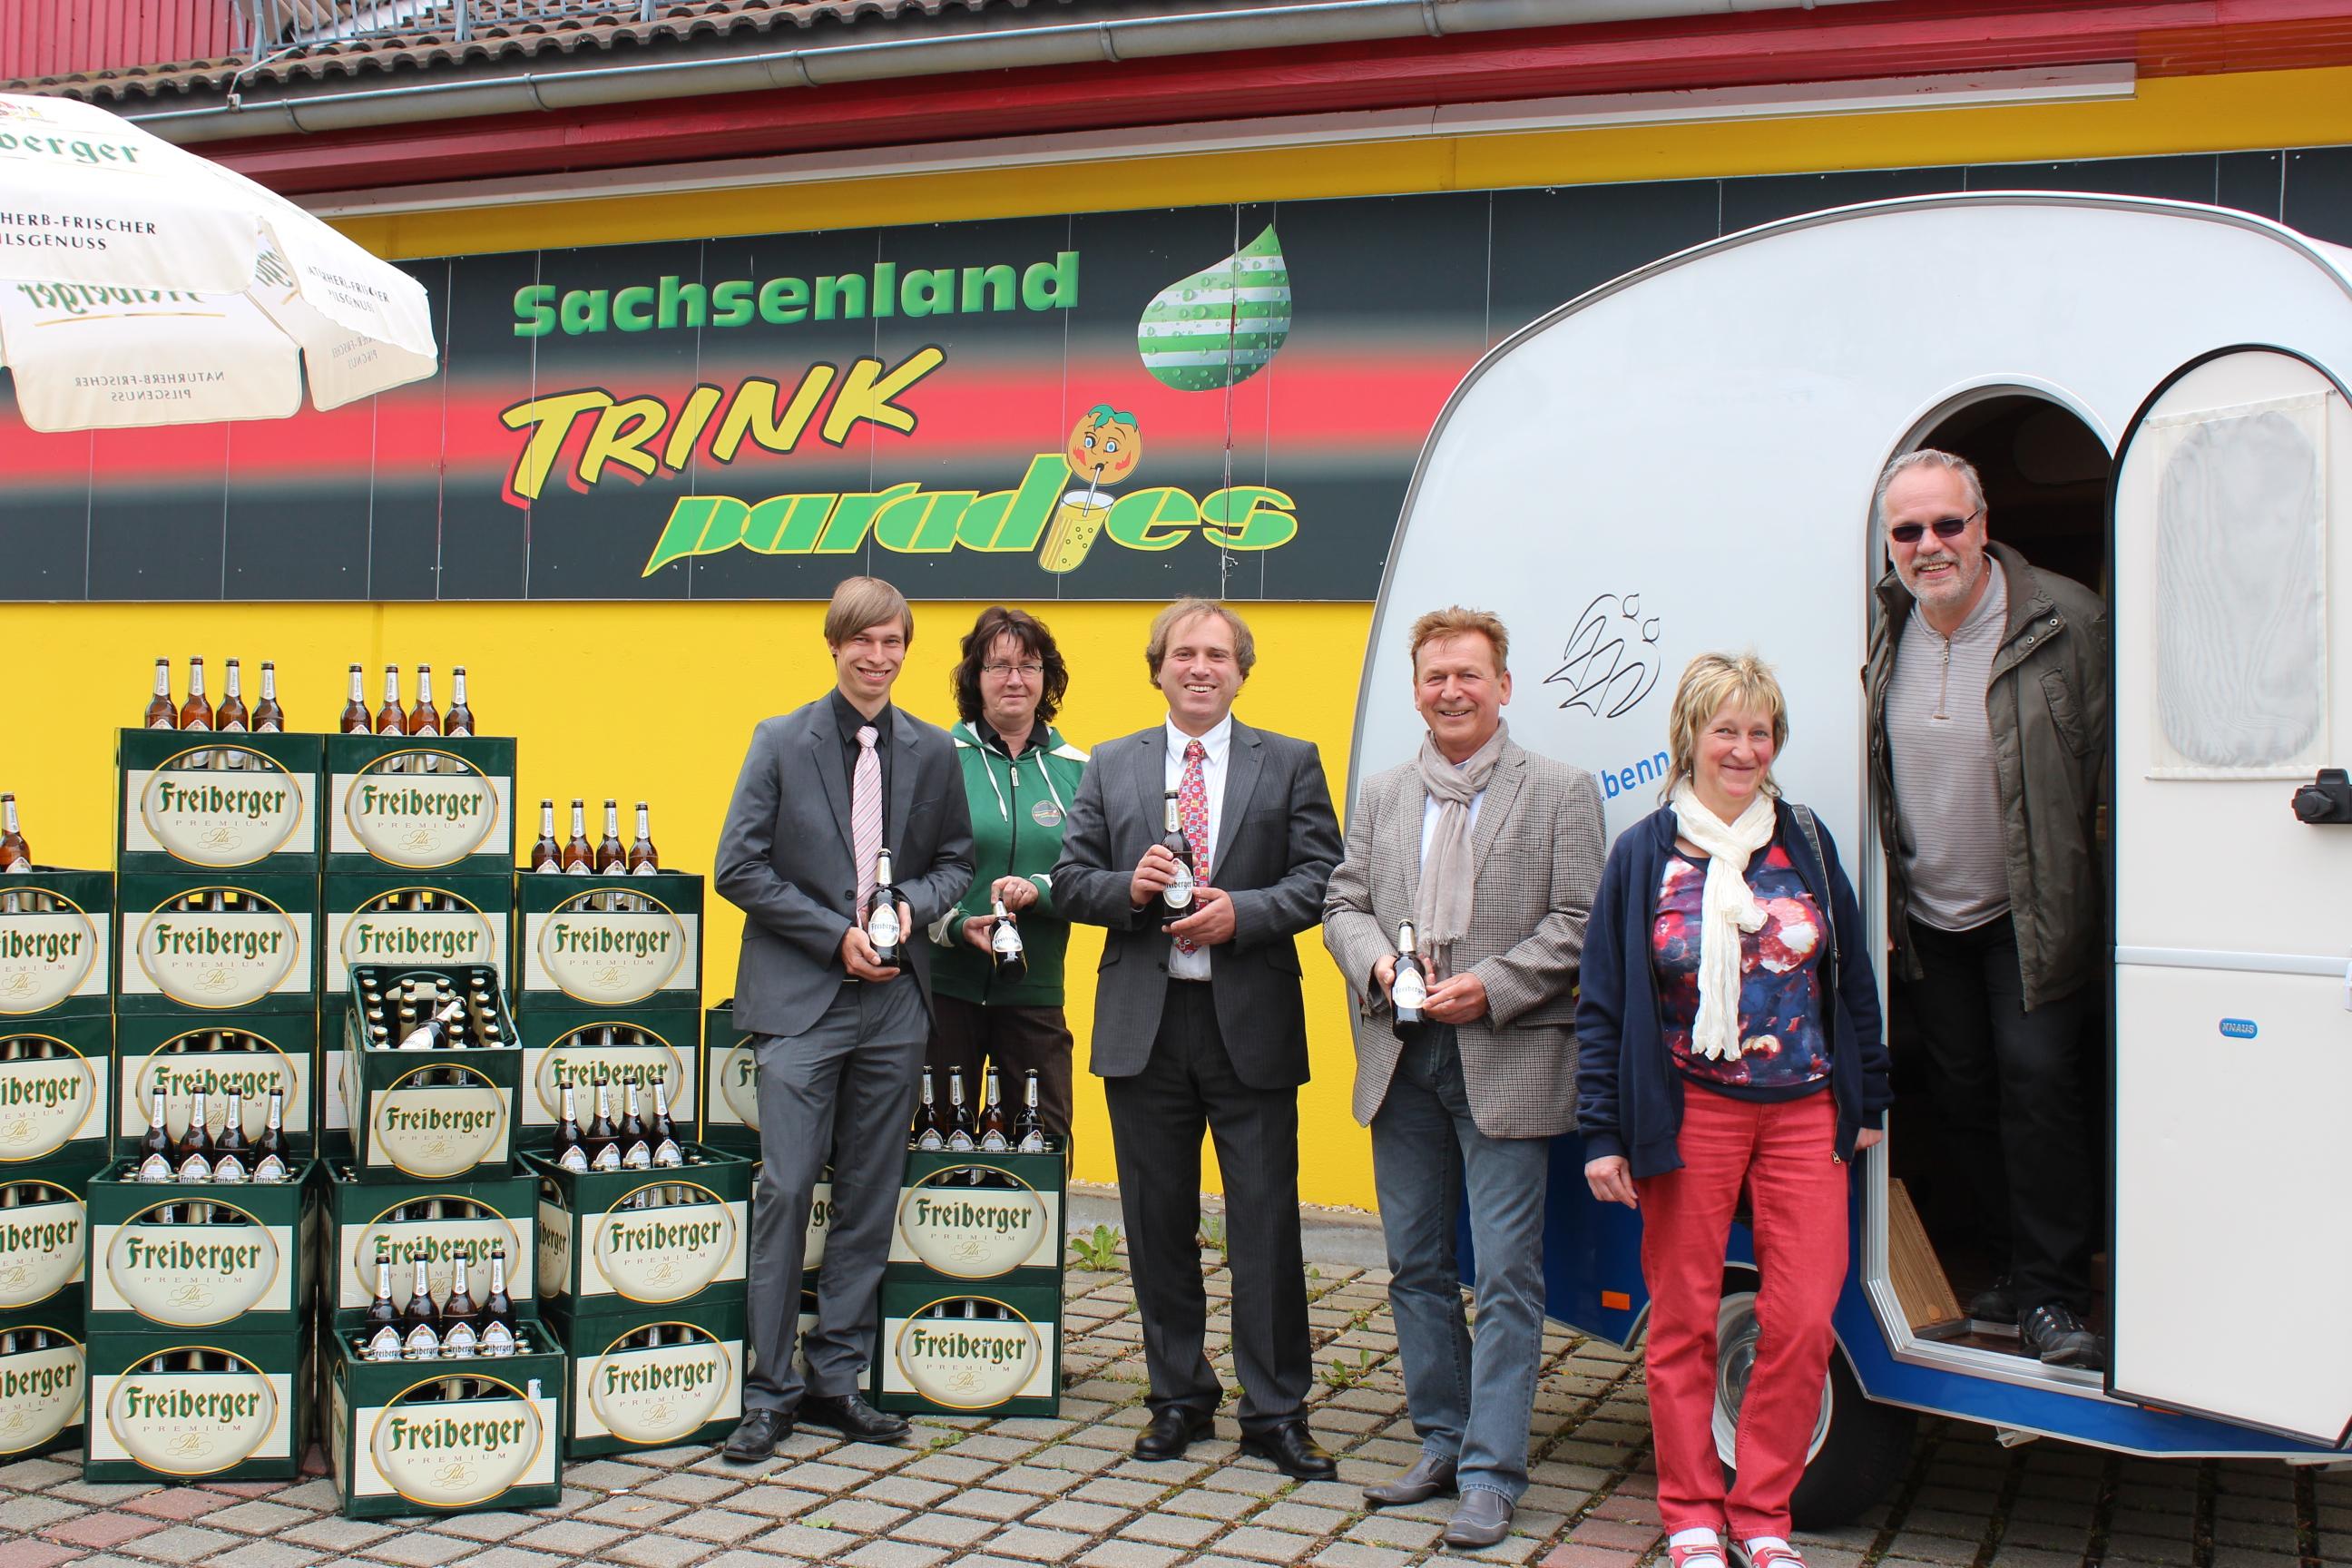 Verkaufsagentur Sachsenland Trinkparadies - Promotion-Tour